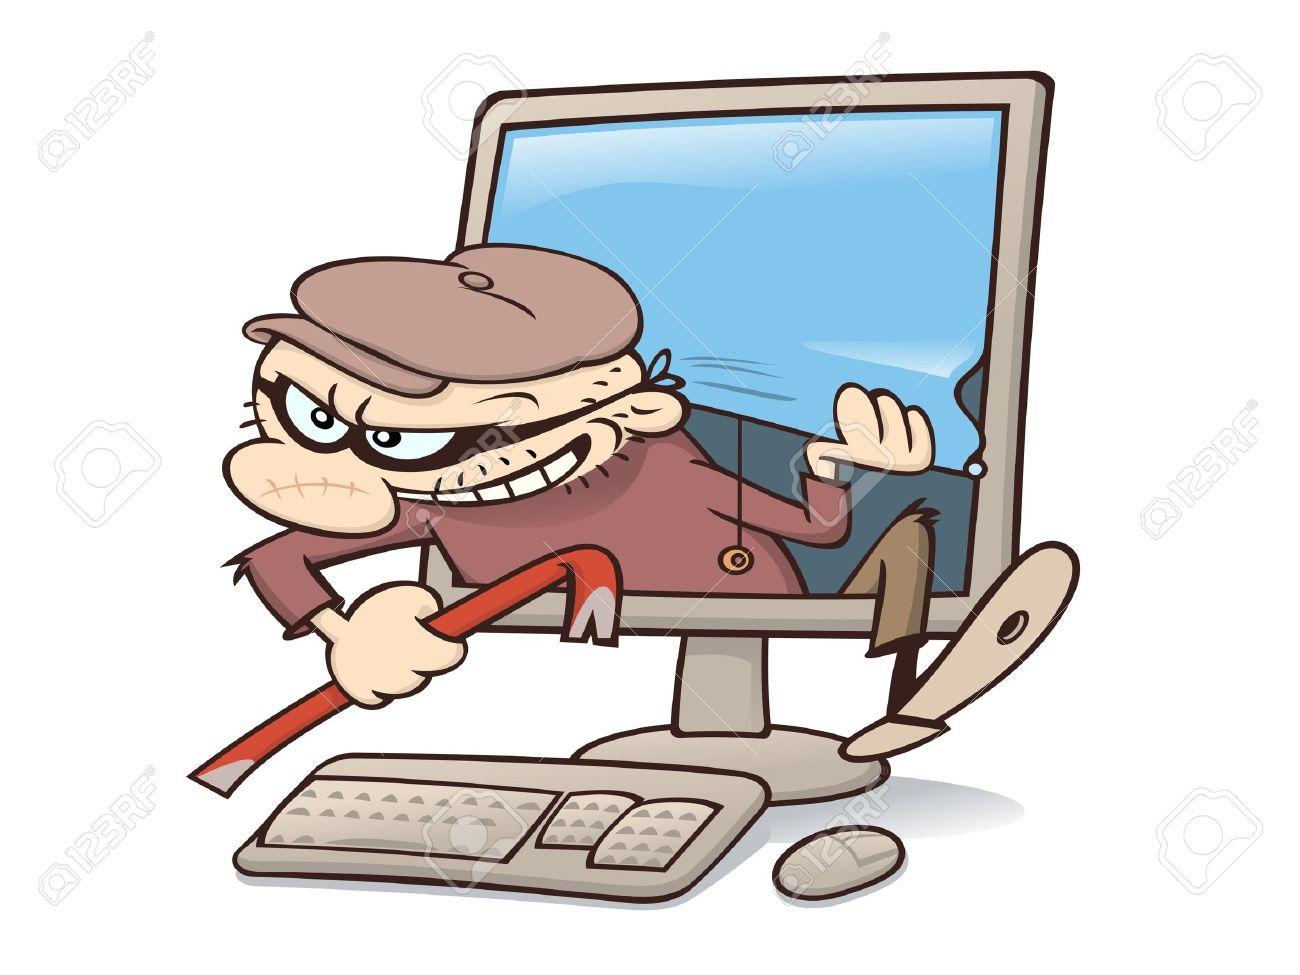 Modern criminal break in through a computer Stock Vector - 9926127